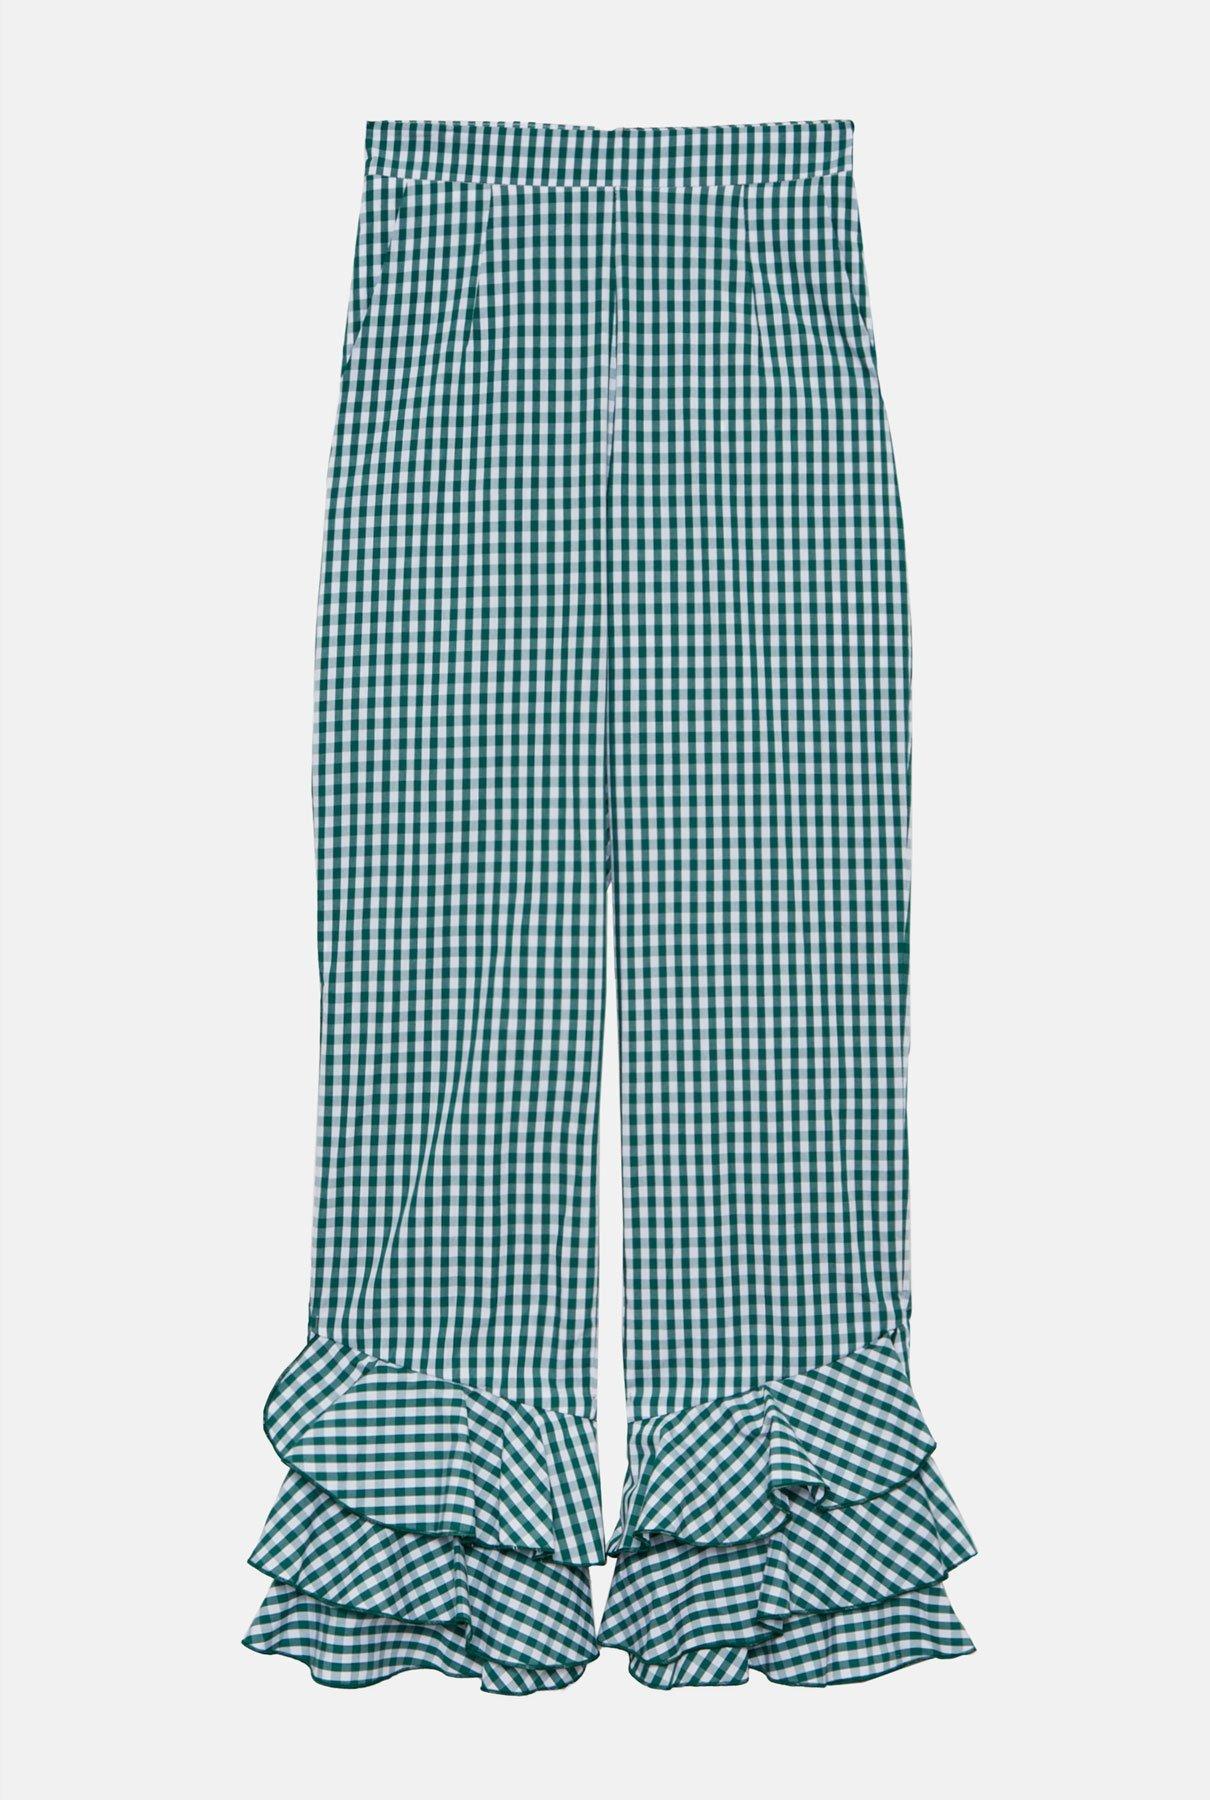 Pantalón de cuadros vichy, de Diddo Madrid.